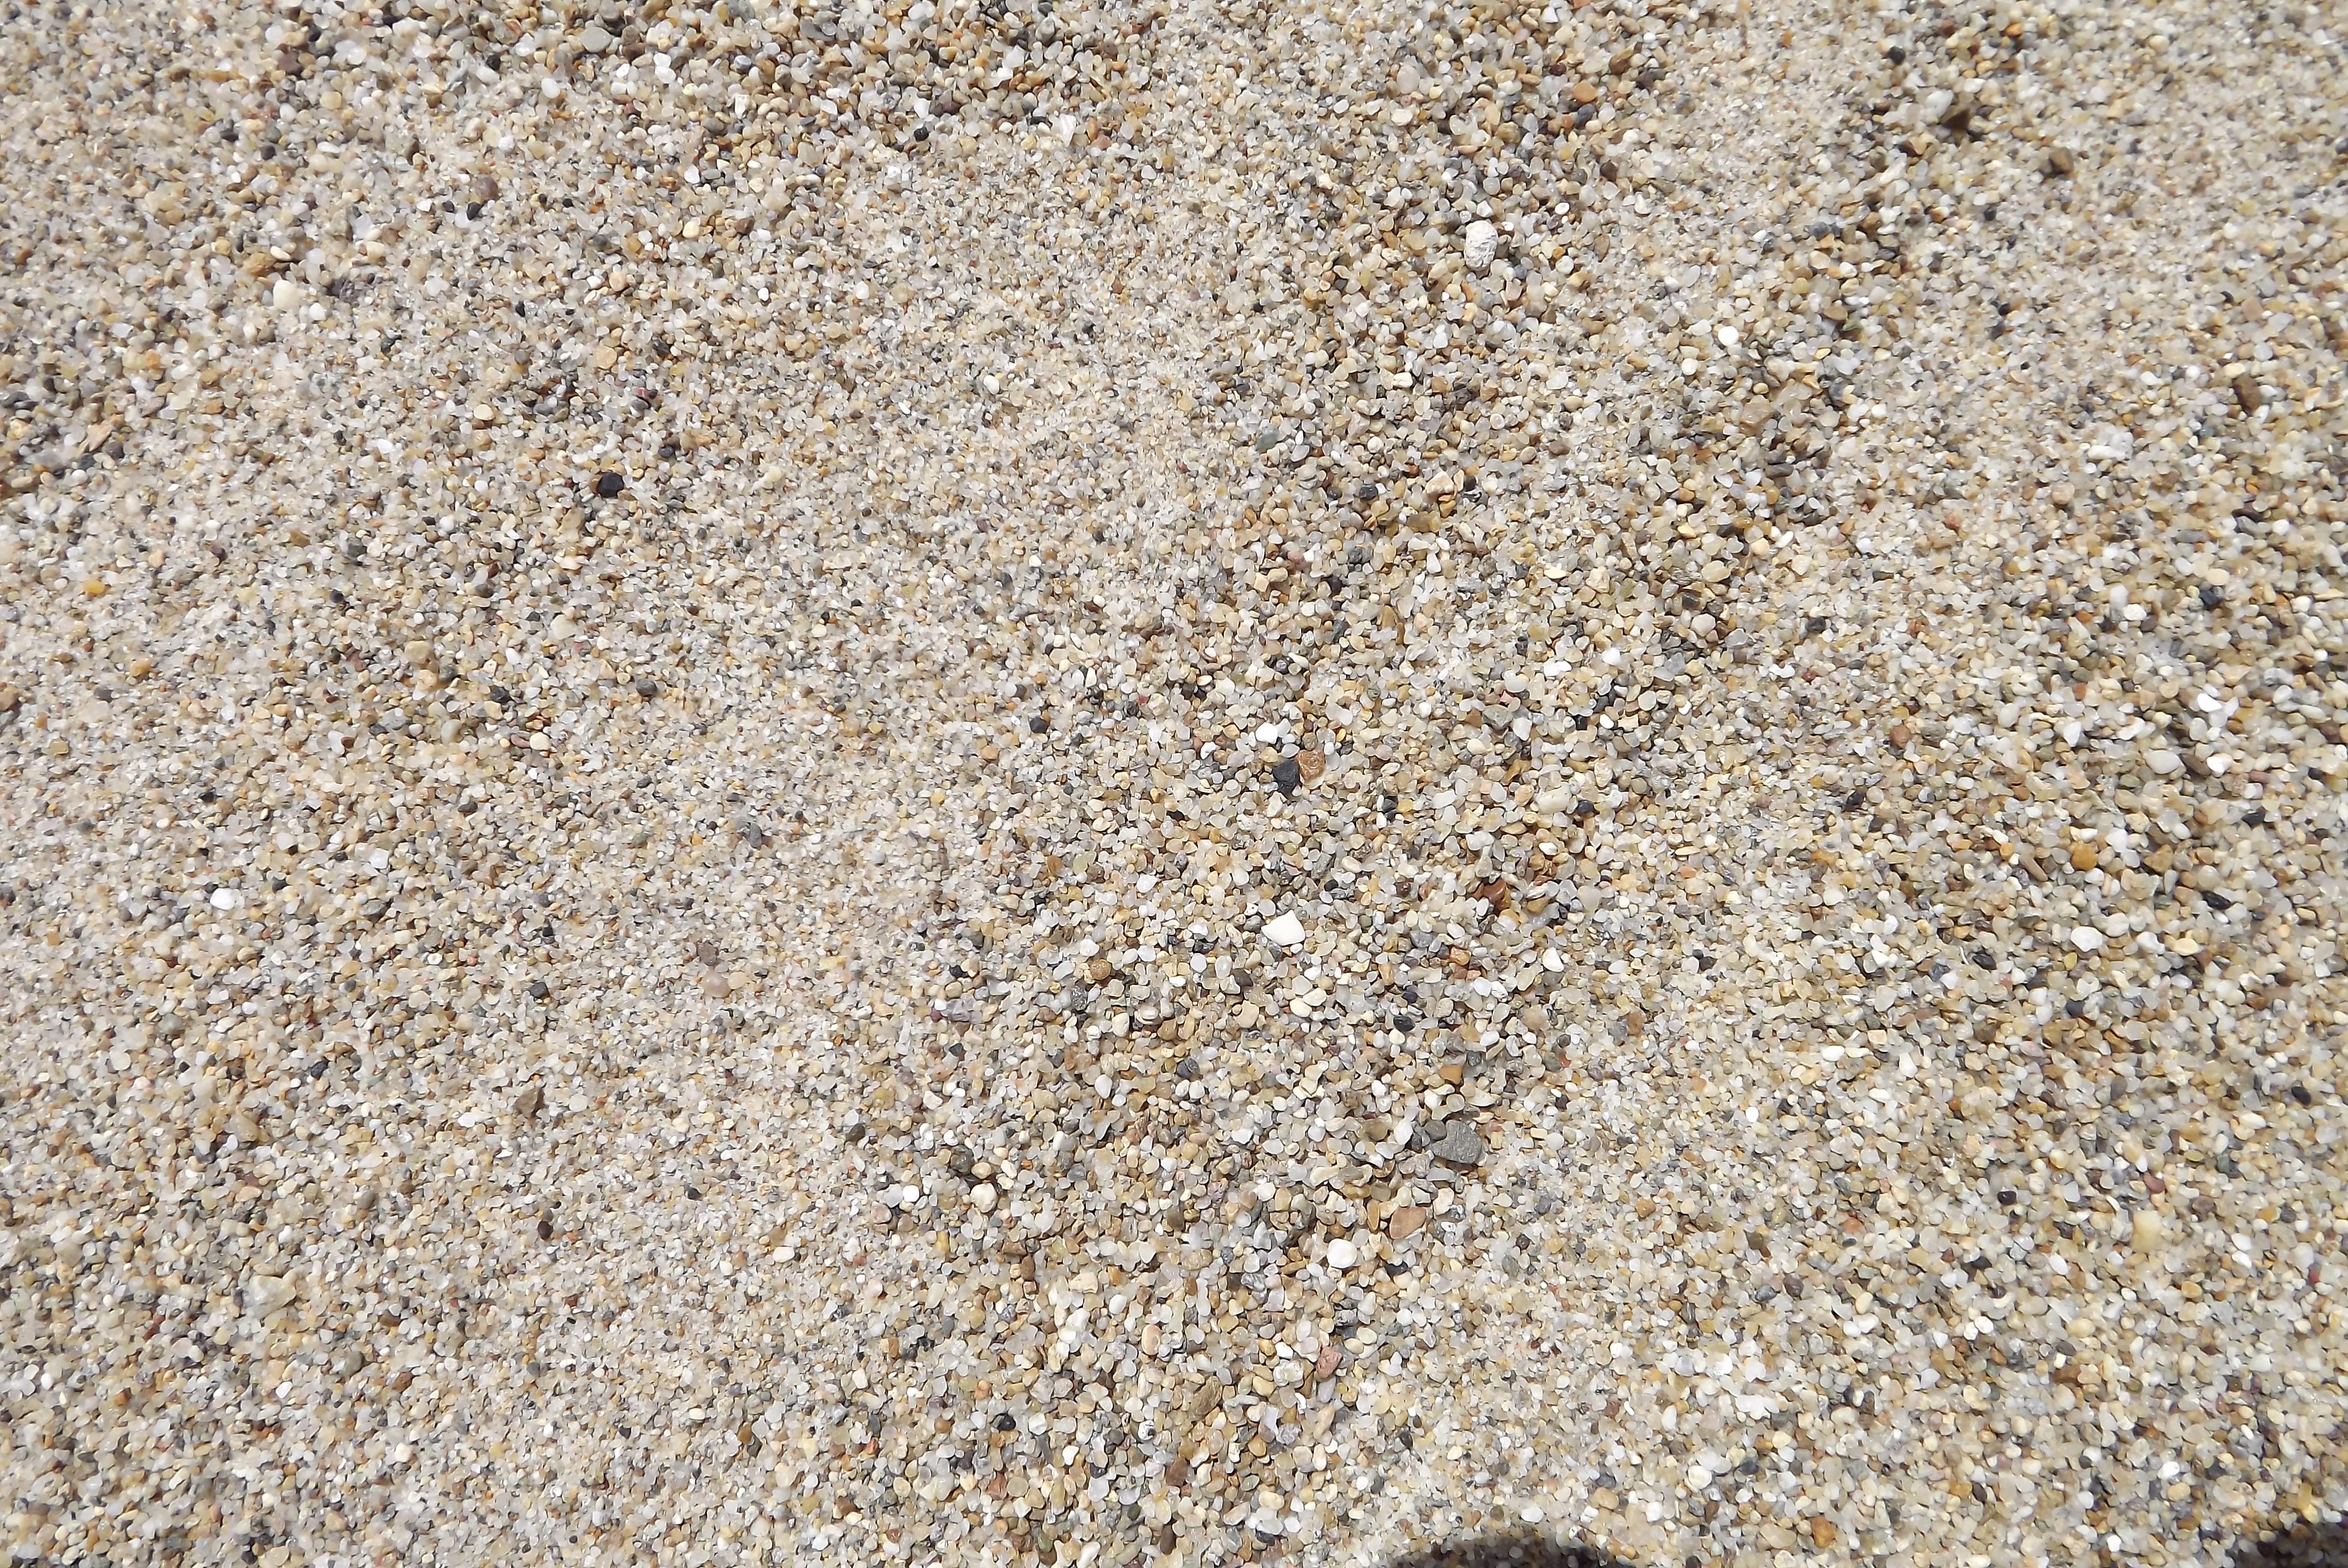 0-4 folyami homok